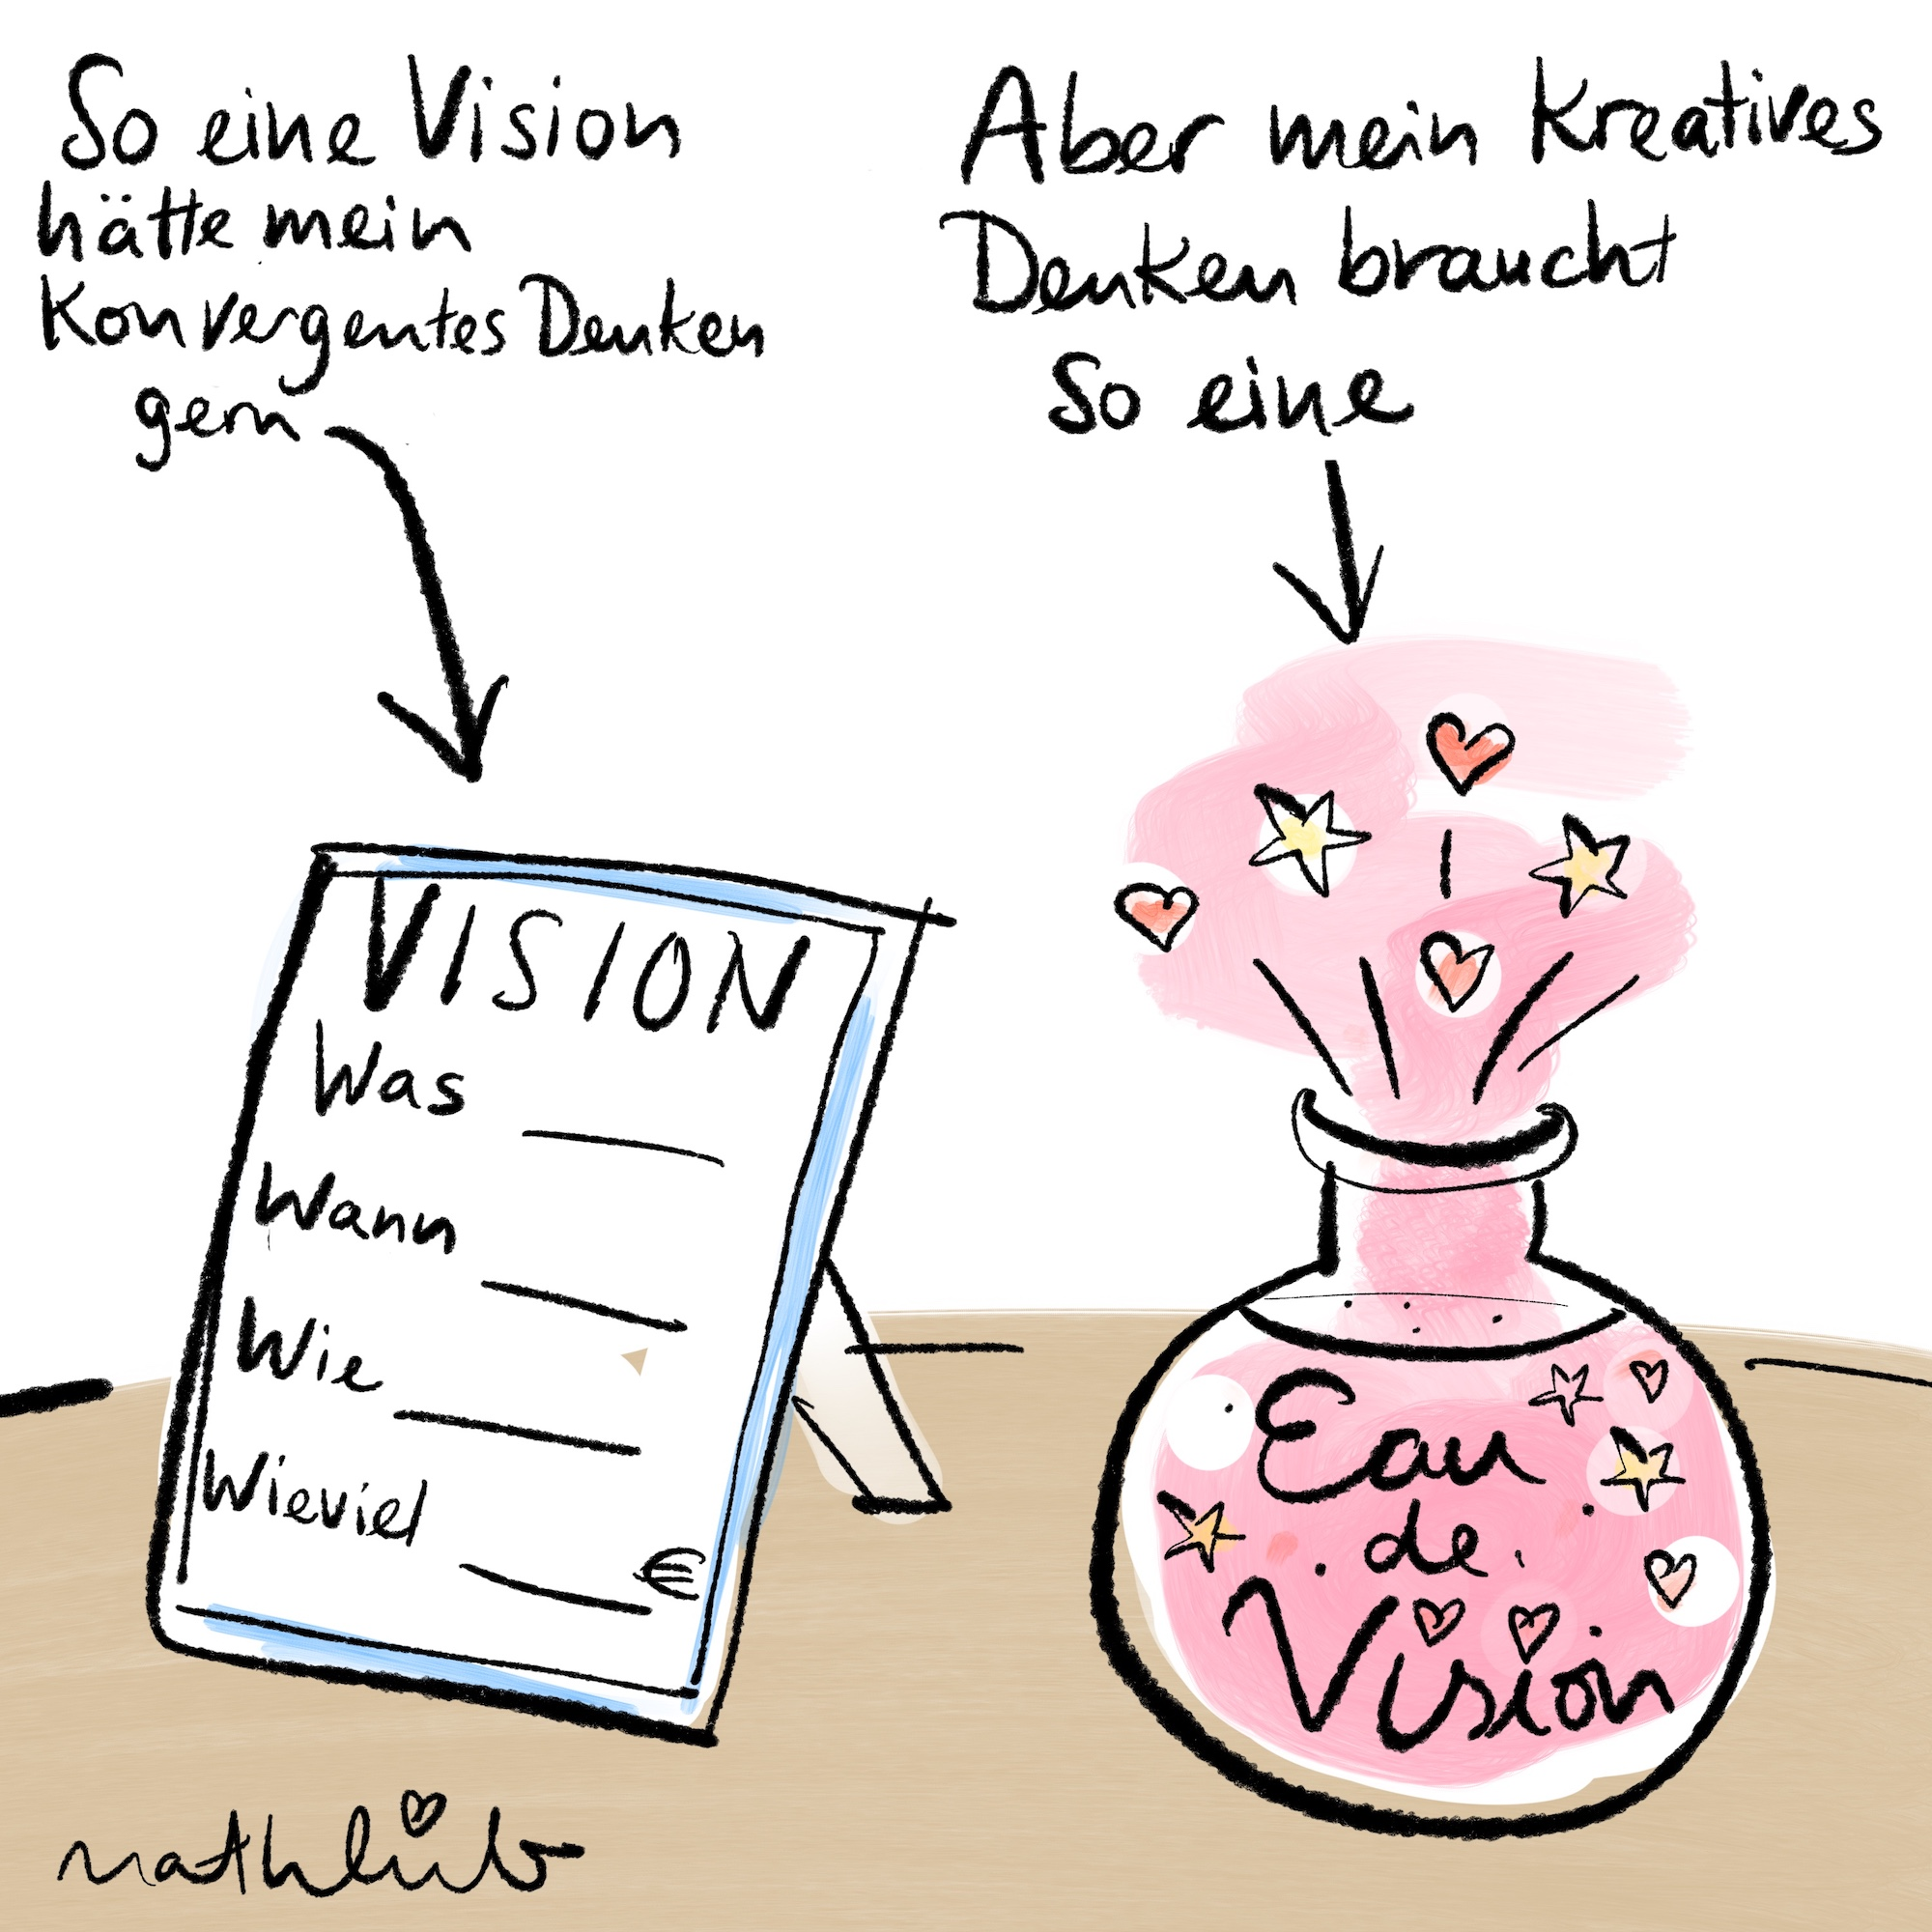 Ein Vision Statement für kreative Projekte braucht eine flüssige Form